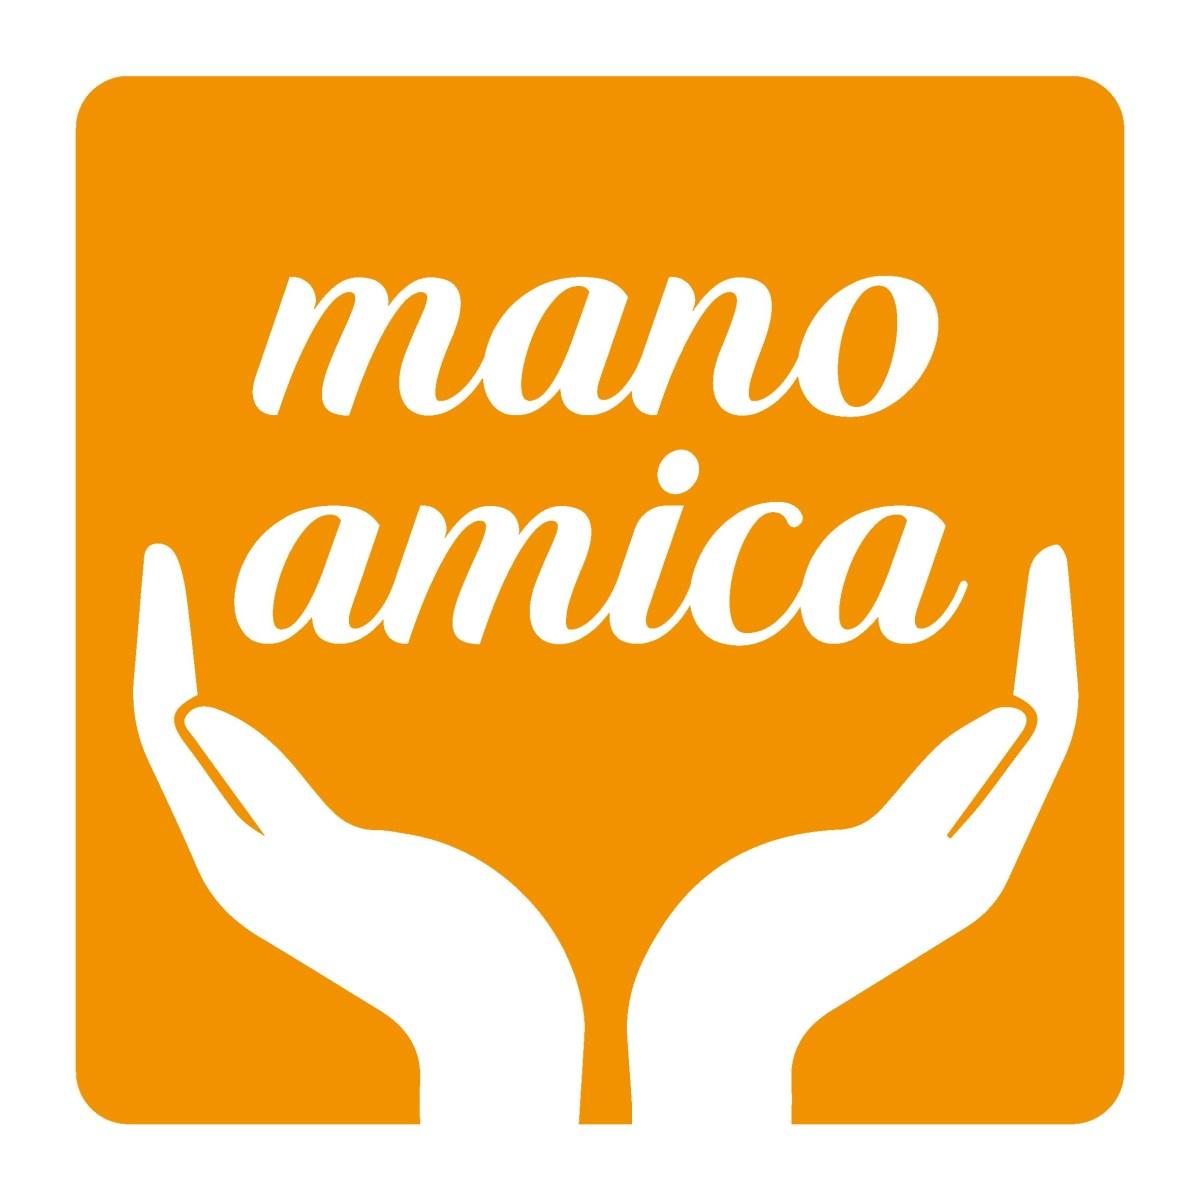 MANO AMICA